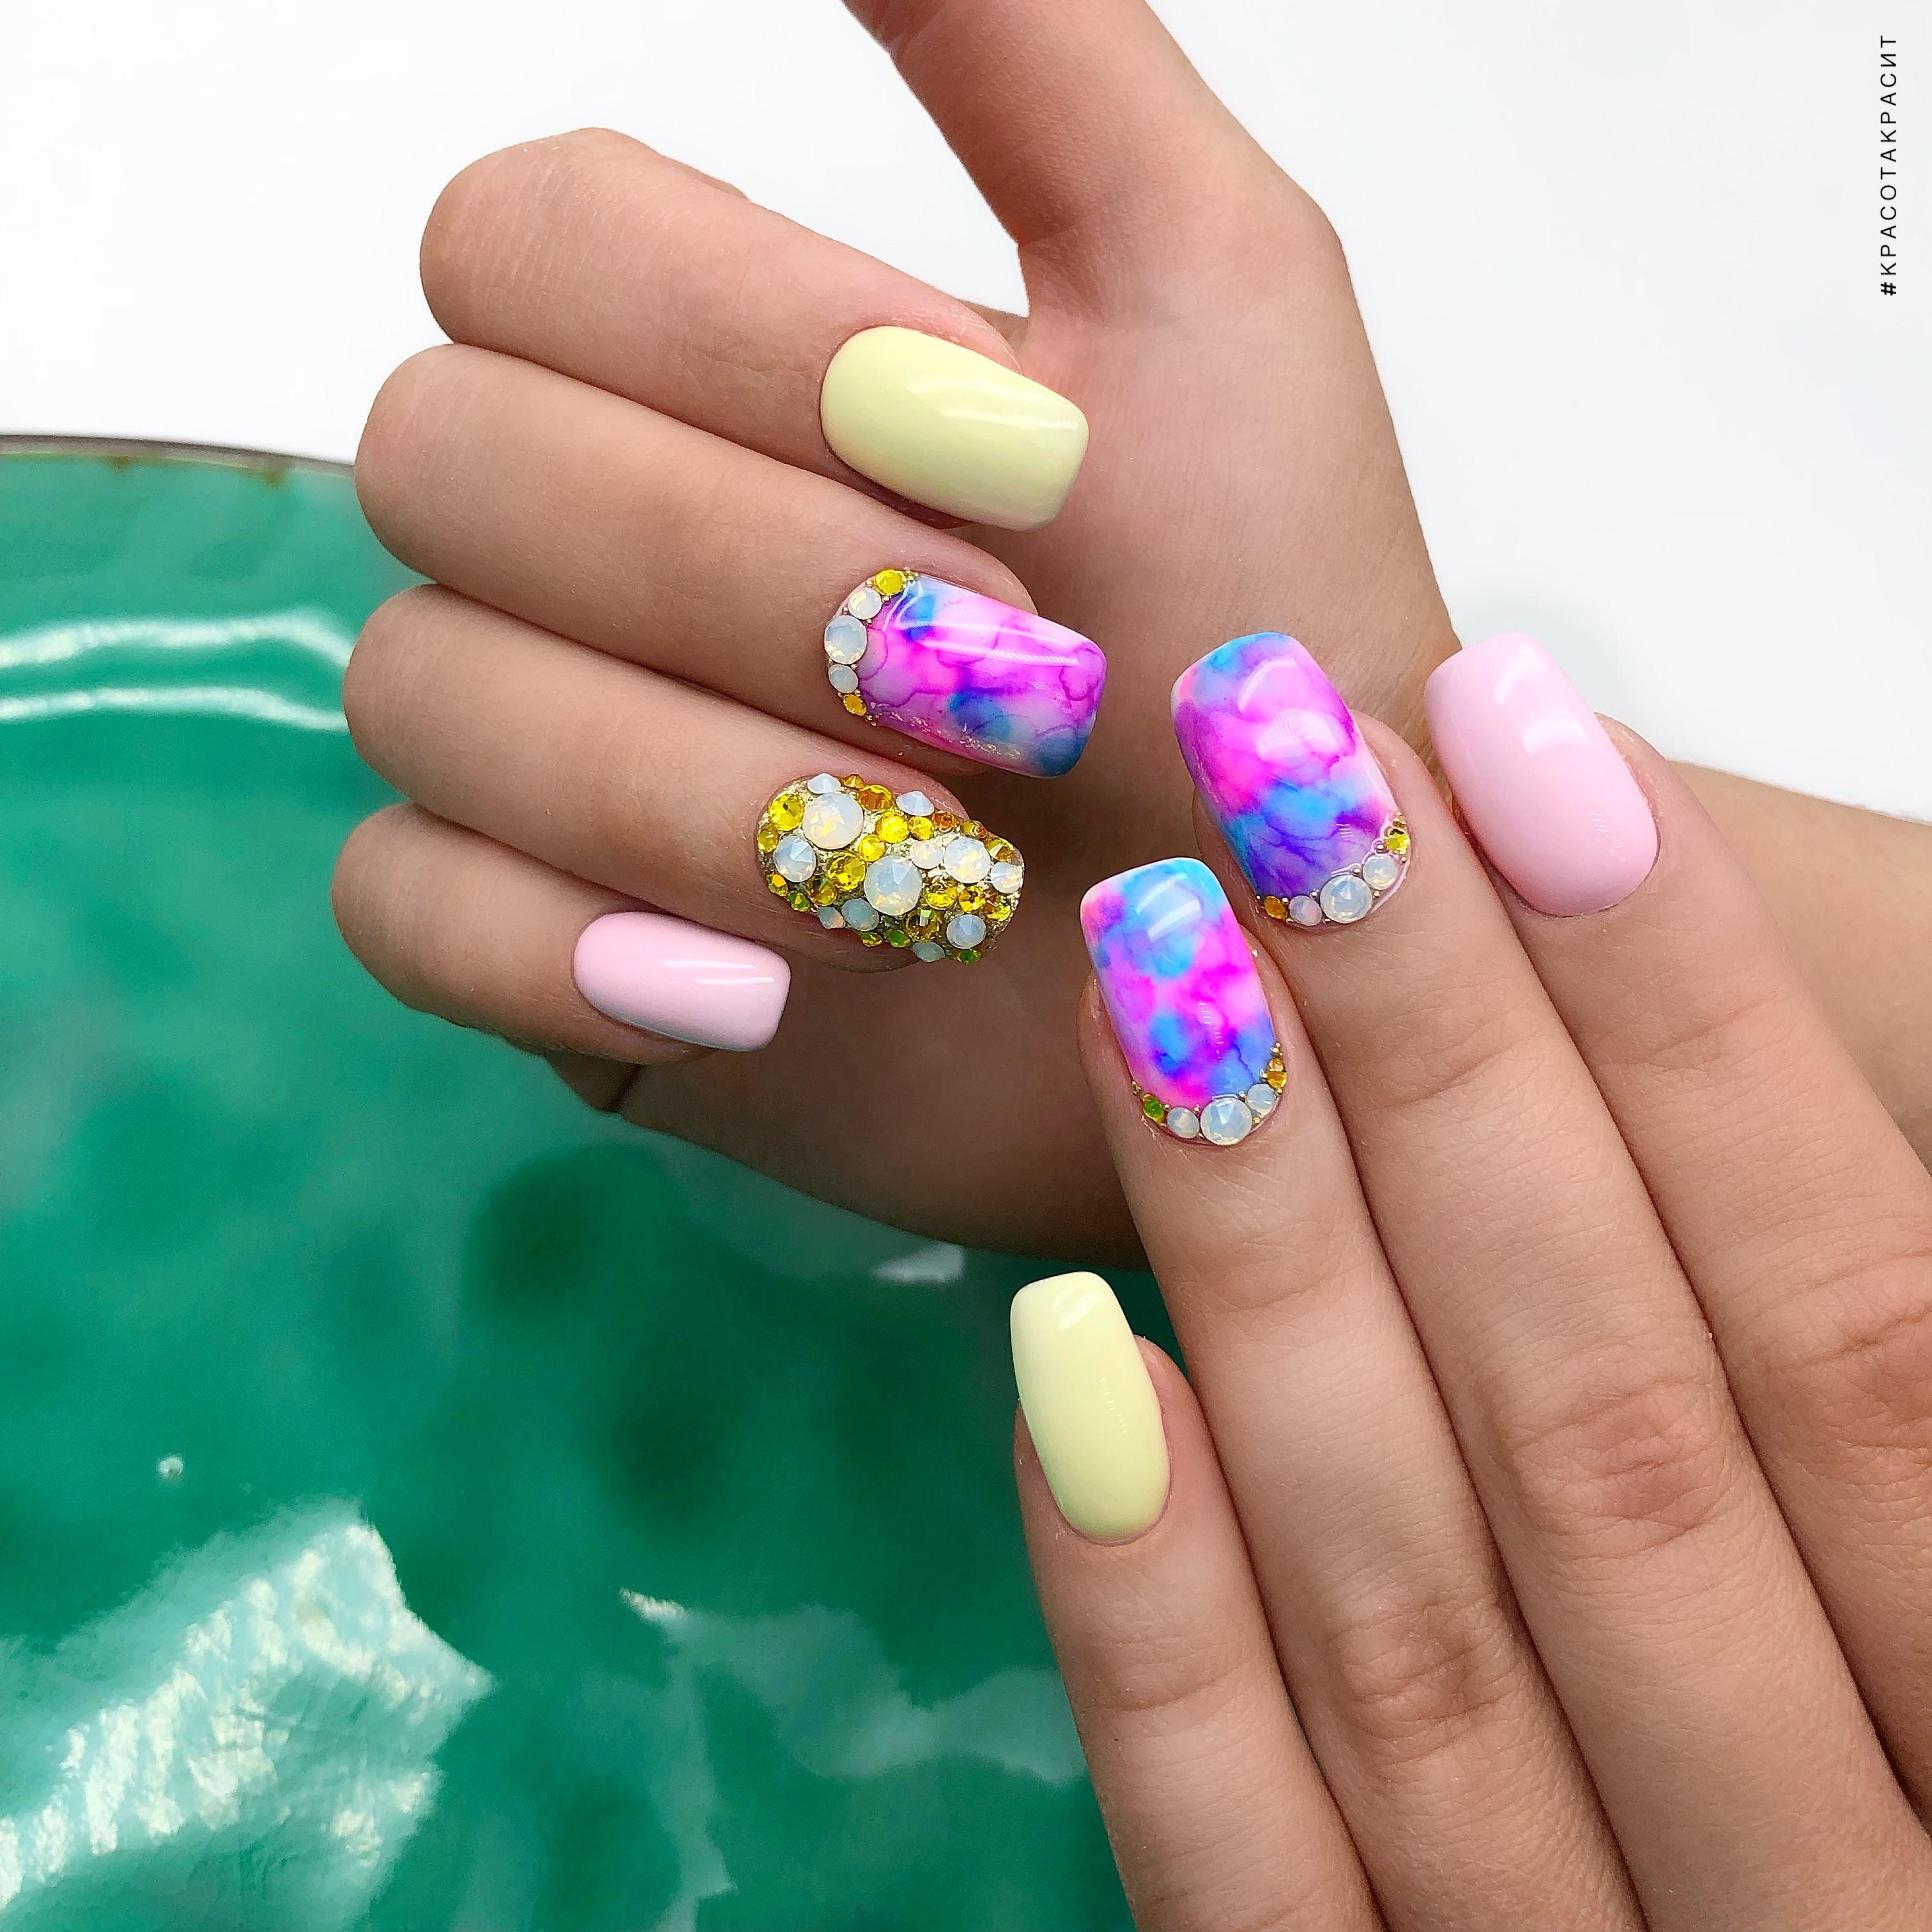 Маникюр с цветным абстрактным рисунком и стразами на короткие ногти.